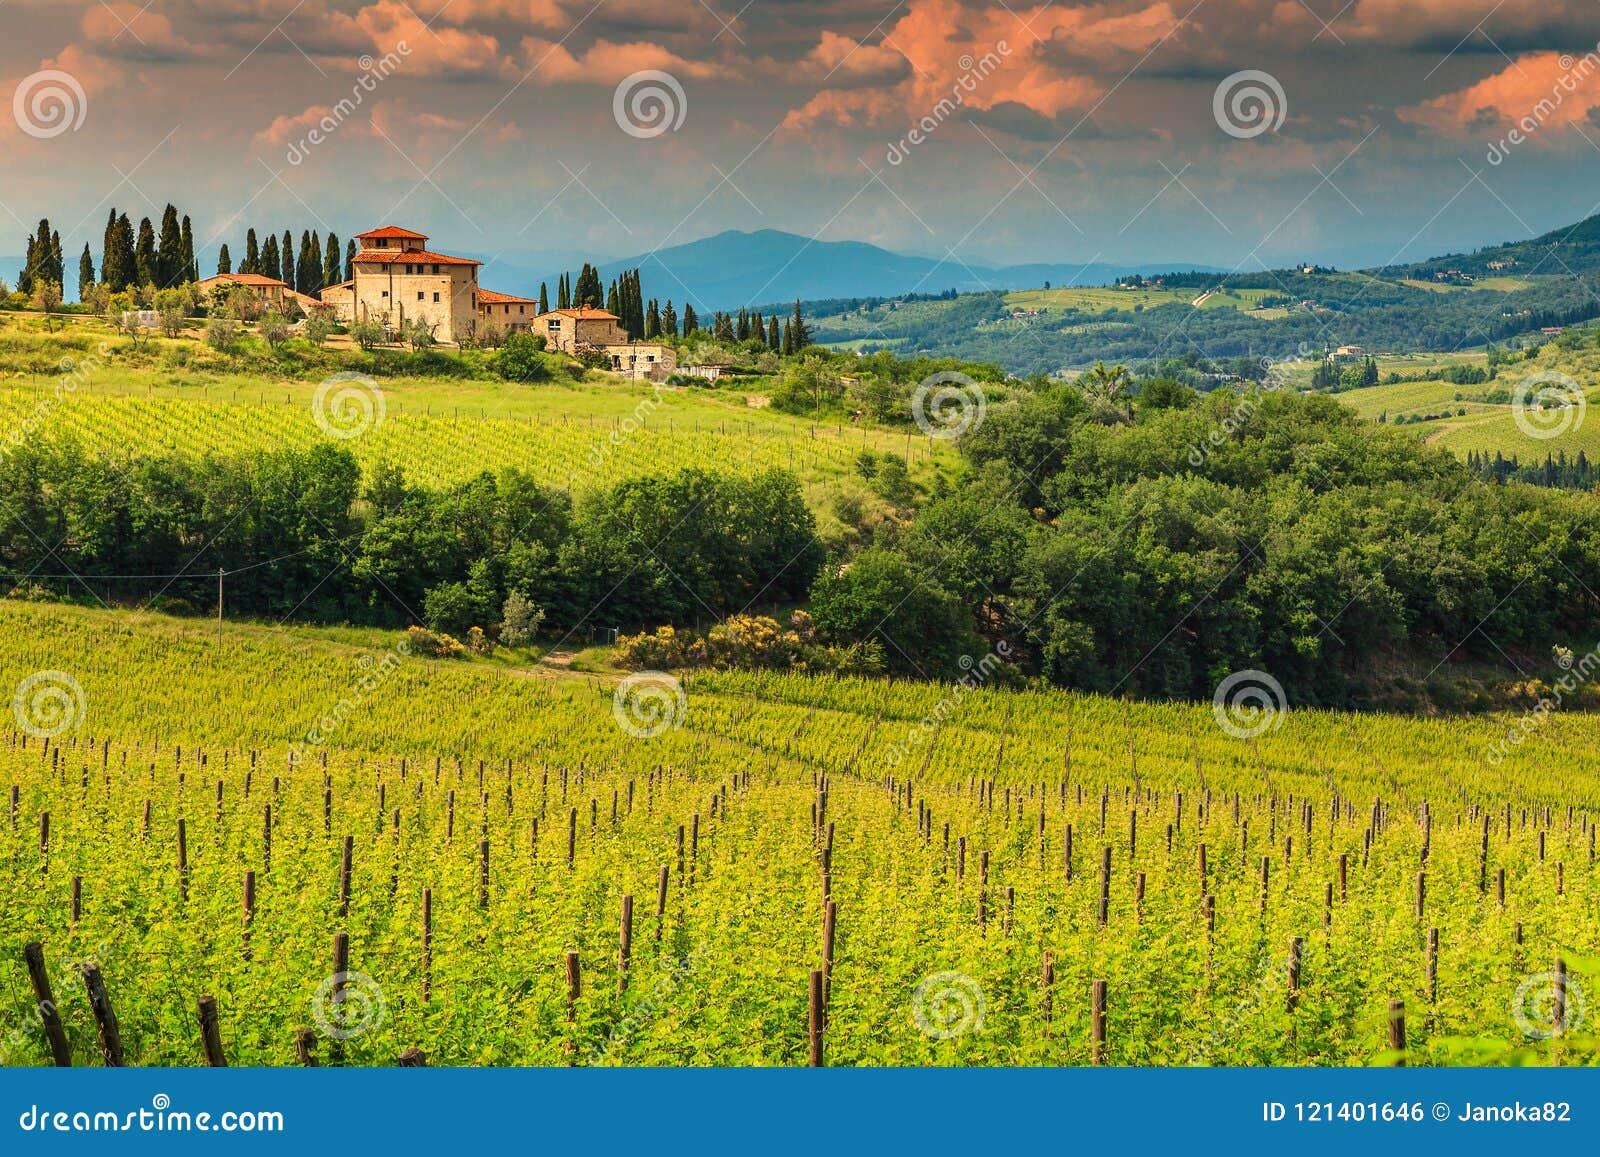 与石房子,托斯卡纳,意大利,欧洲的意想不到的葡萄园风景